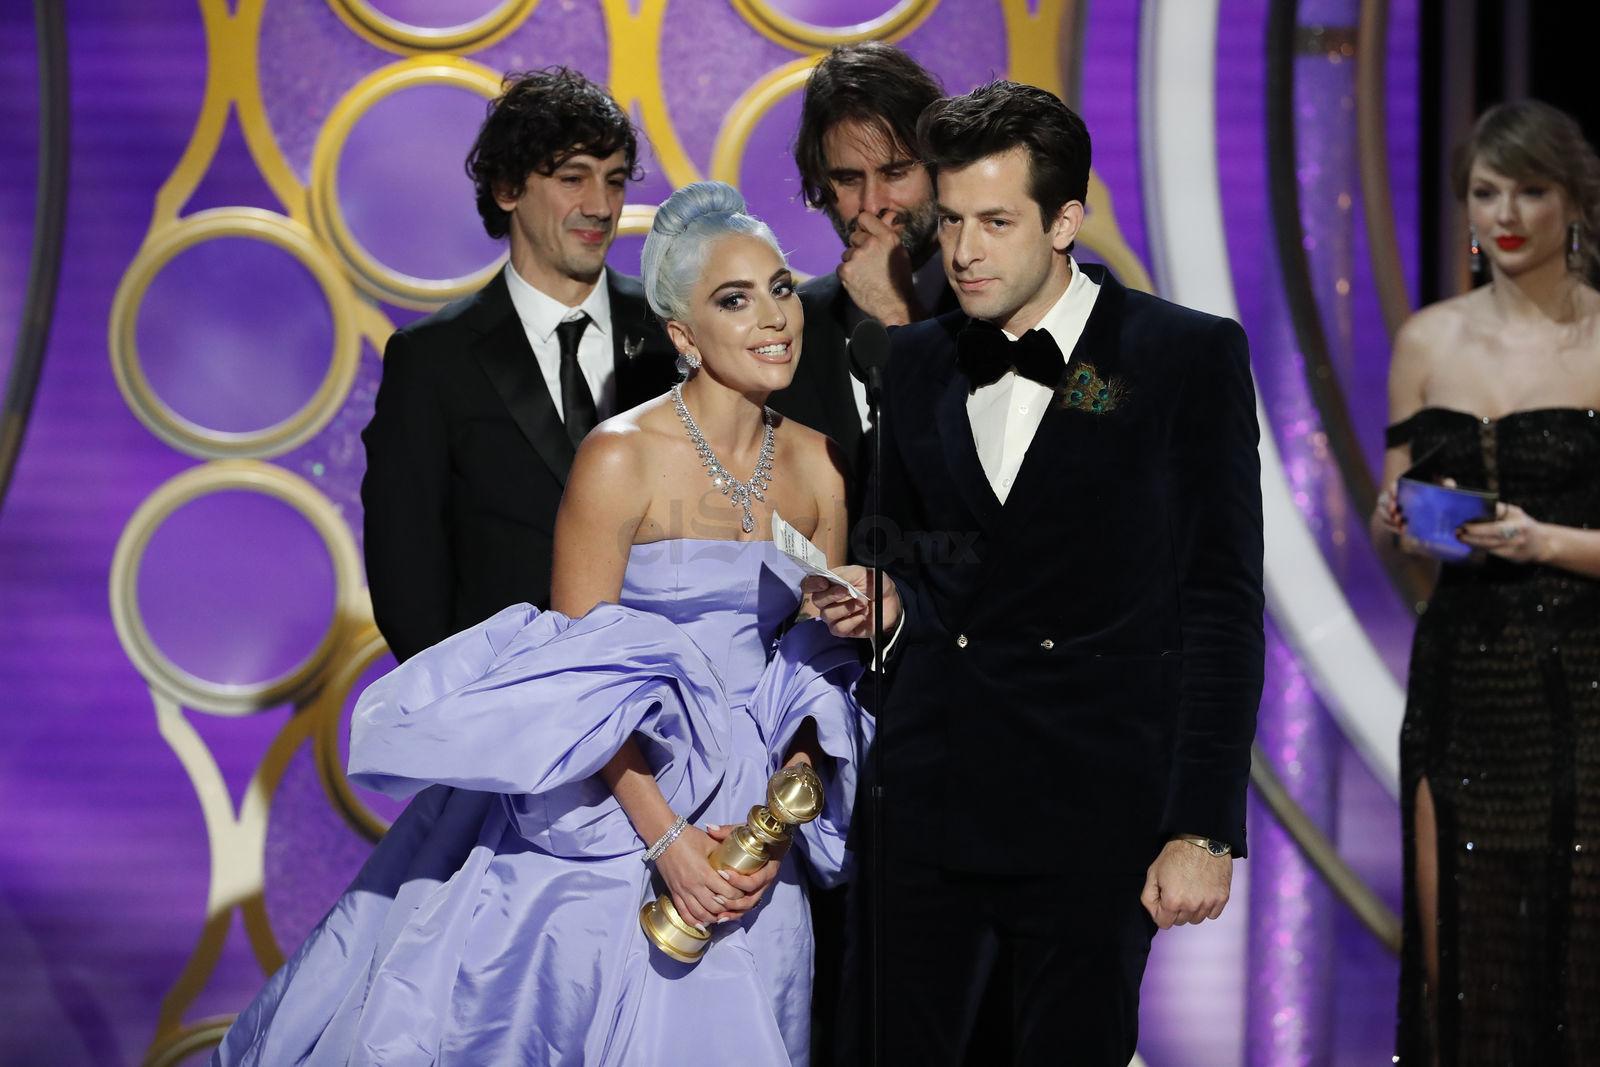 La noche se completó con el premio a la mejor canción original para Shallow (de A Star is Born), que fue a parar a Lady Gaga, Mark Ronson, Anthony Rossomando y Andrew Wyatt.